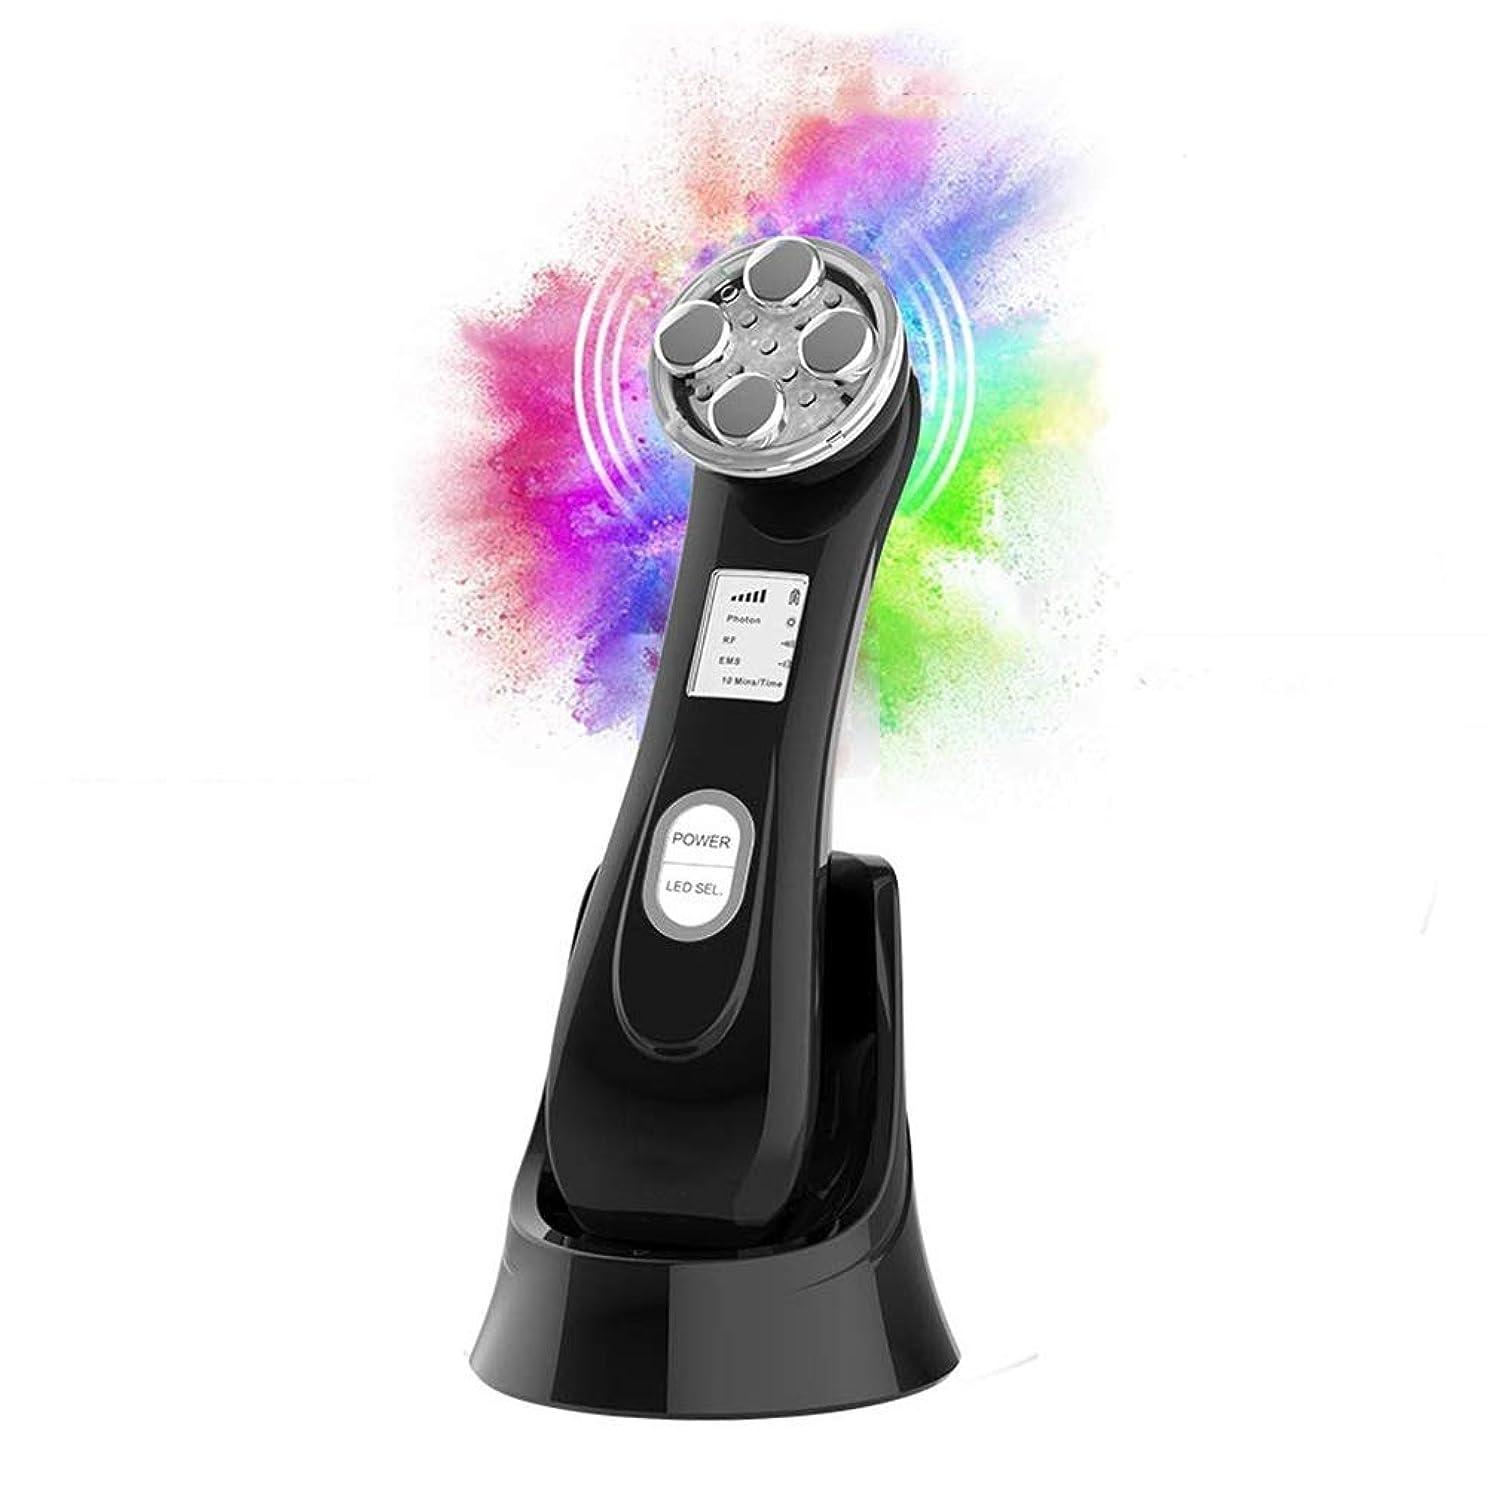 保証金式方法論機械をきつく締める1つの皮に付き6つ、持ち上がる美機械高周波USBの再充電可能なEMS超音波LEDの顔の光子の顔のスキンケアをきつく締めるRFの美の反老化の反アクネの顔